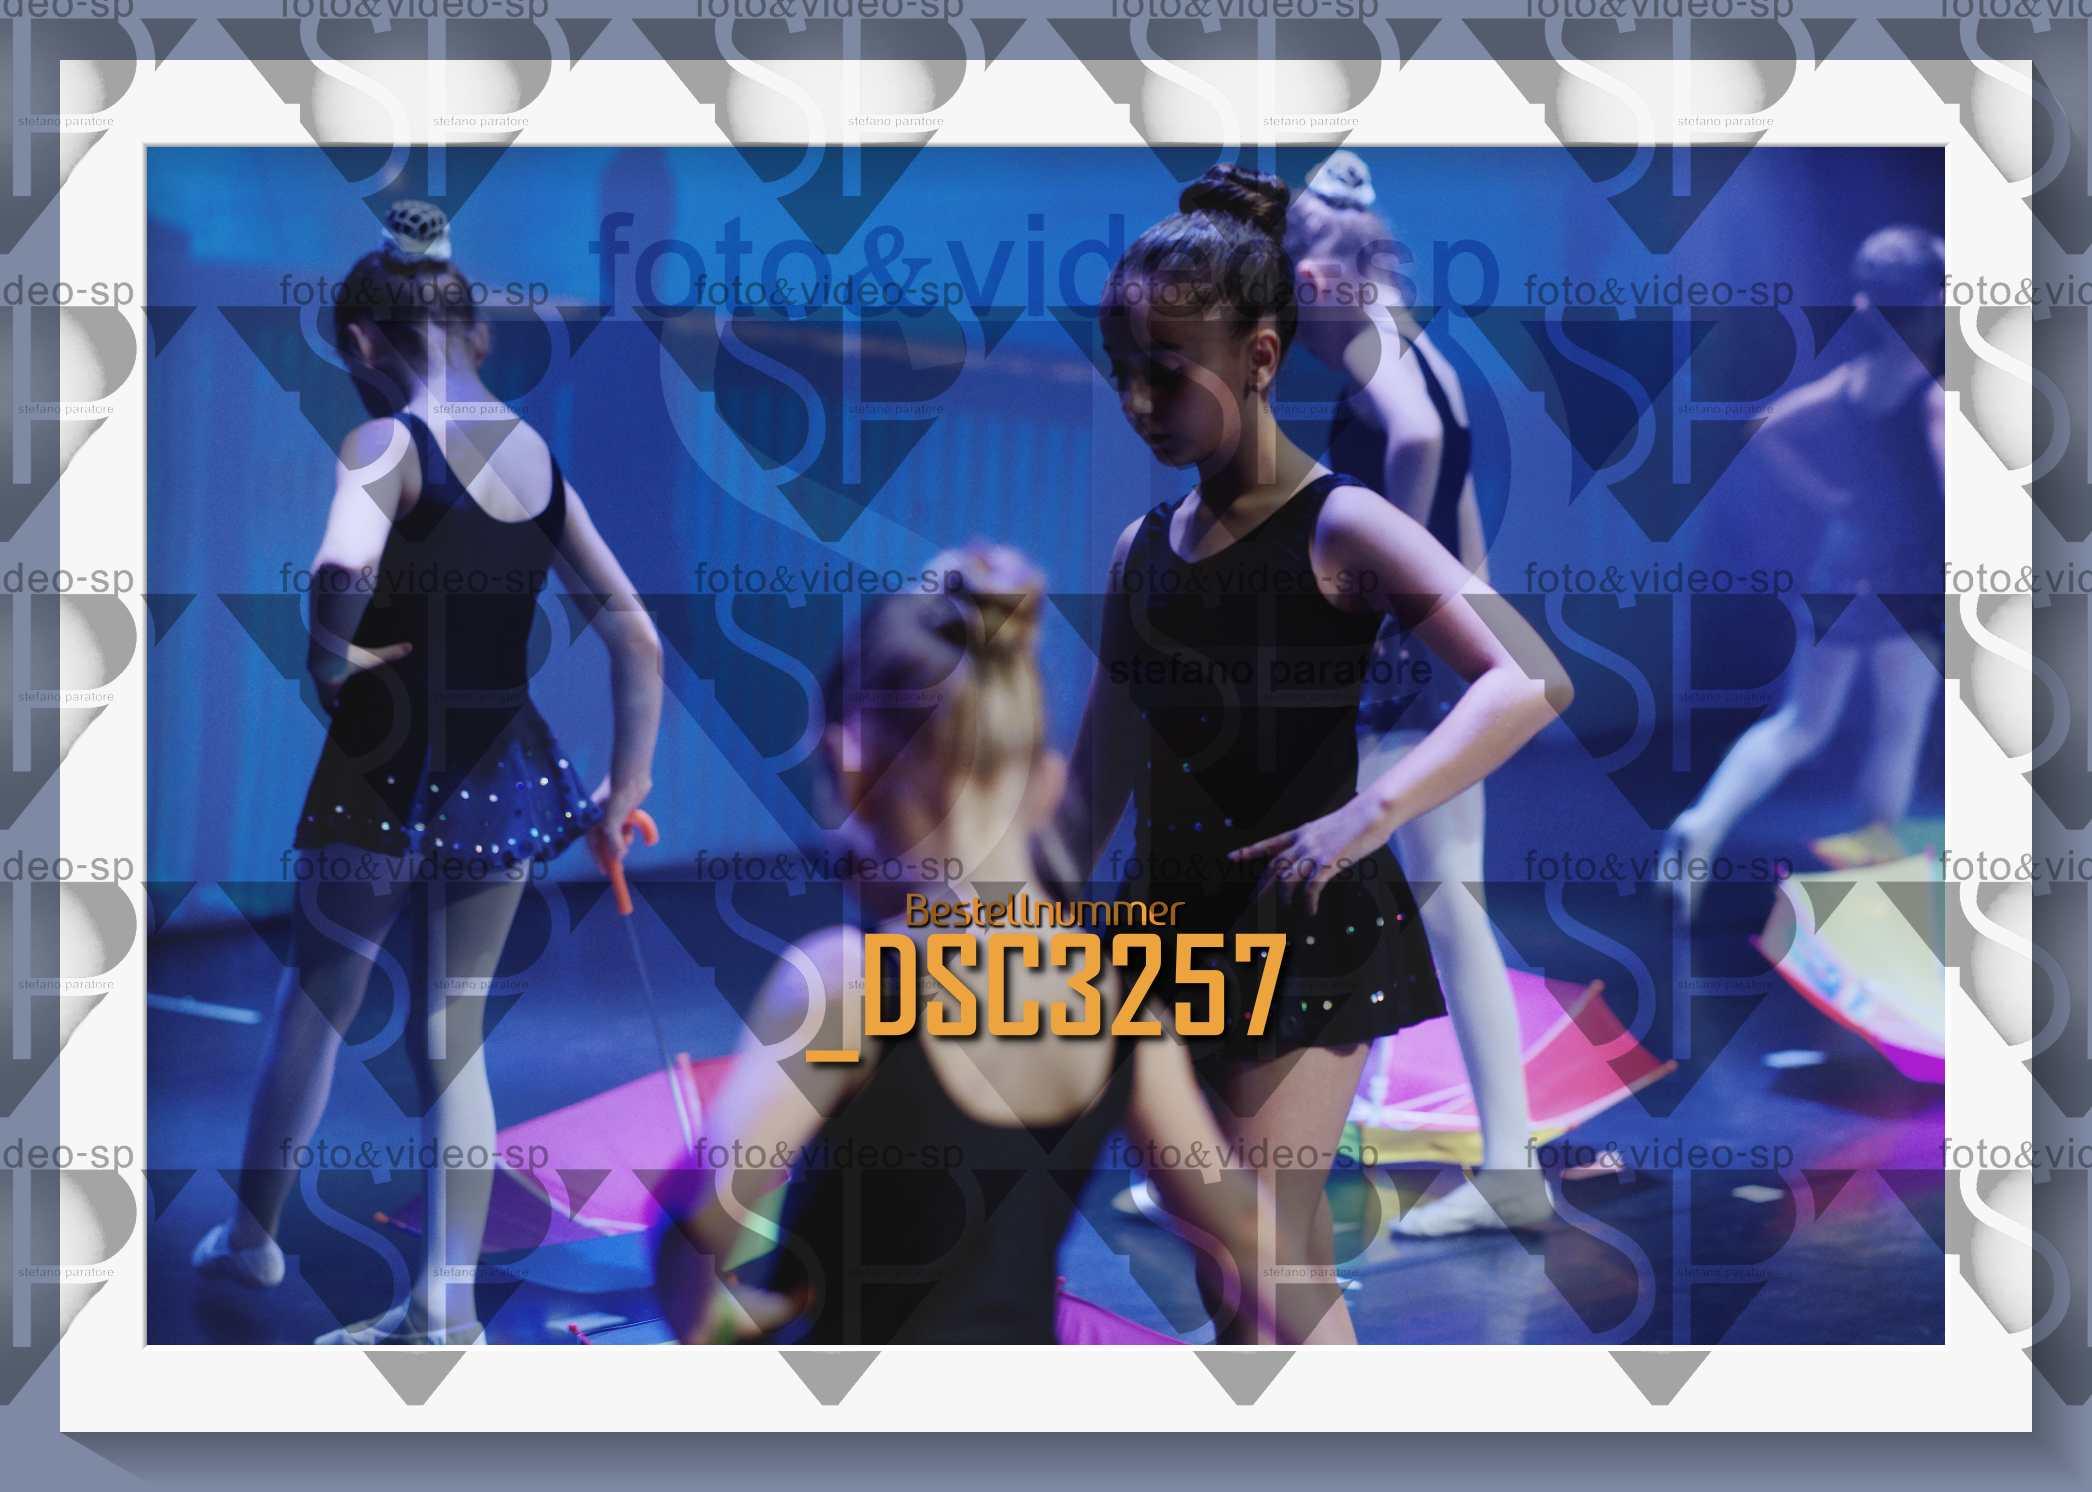 DSC3257